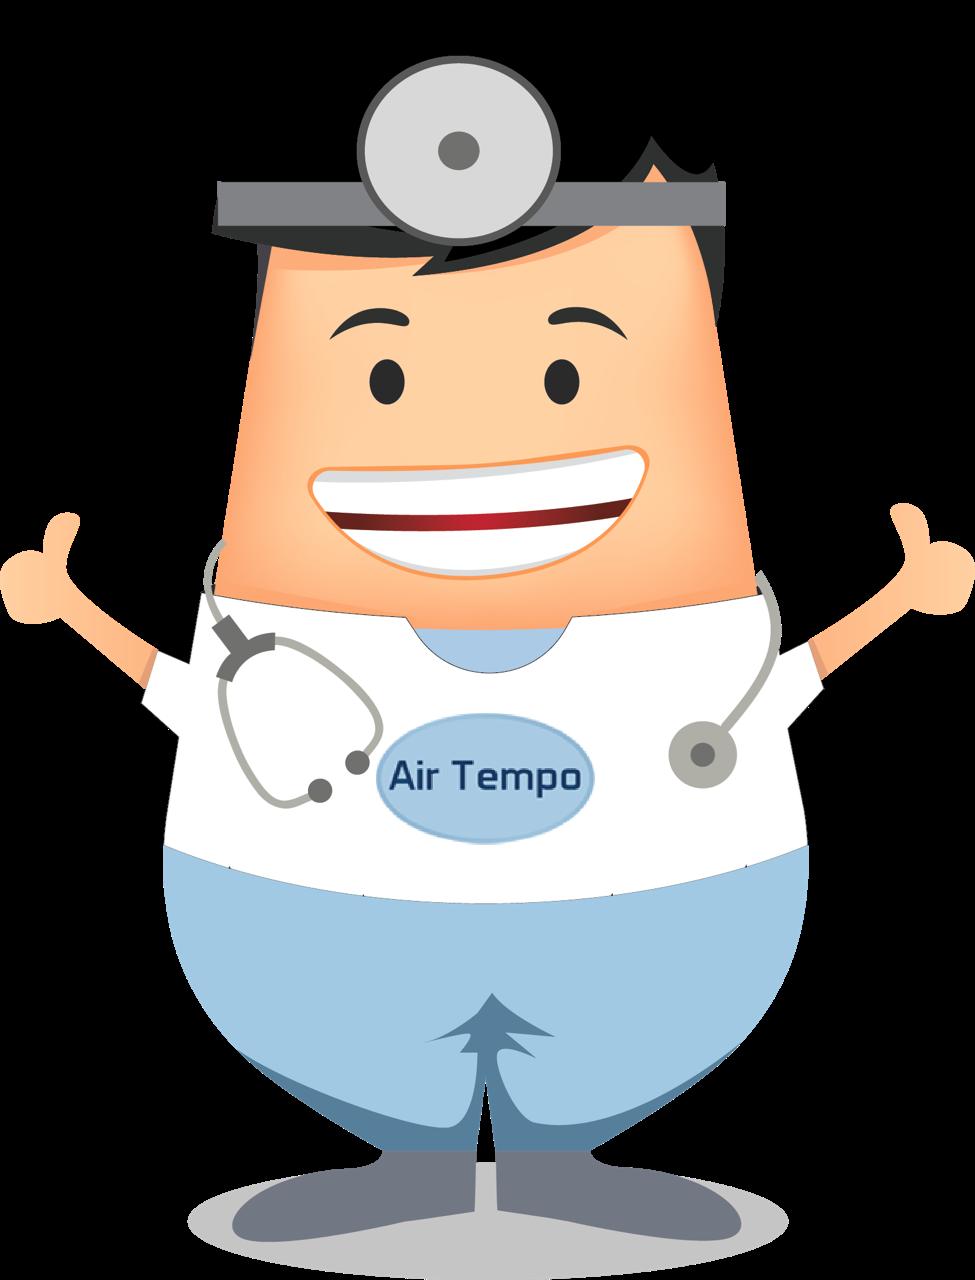 Dr  AirTempo - Air Tempo